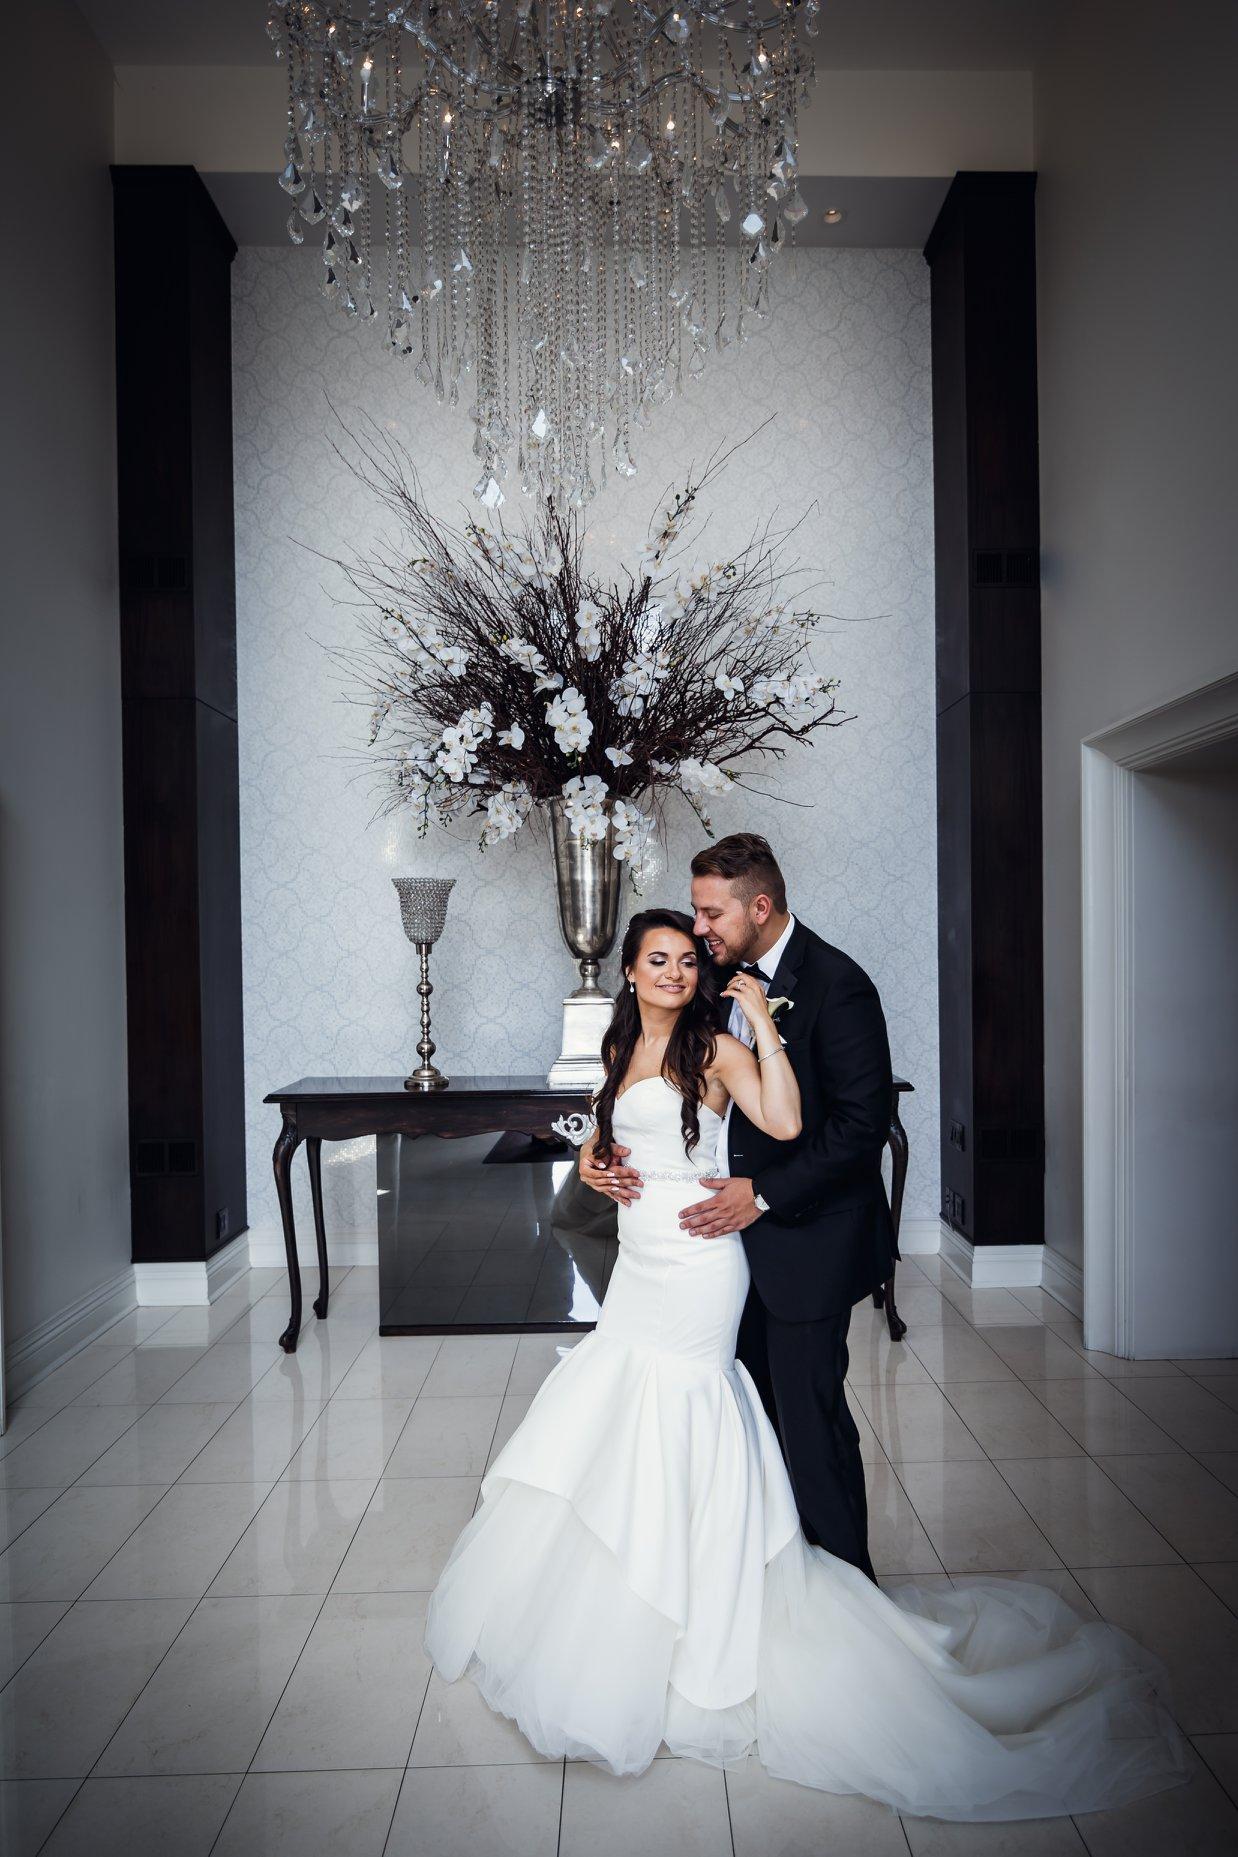 zajac photography wedding 27